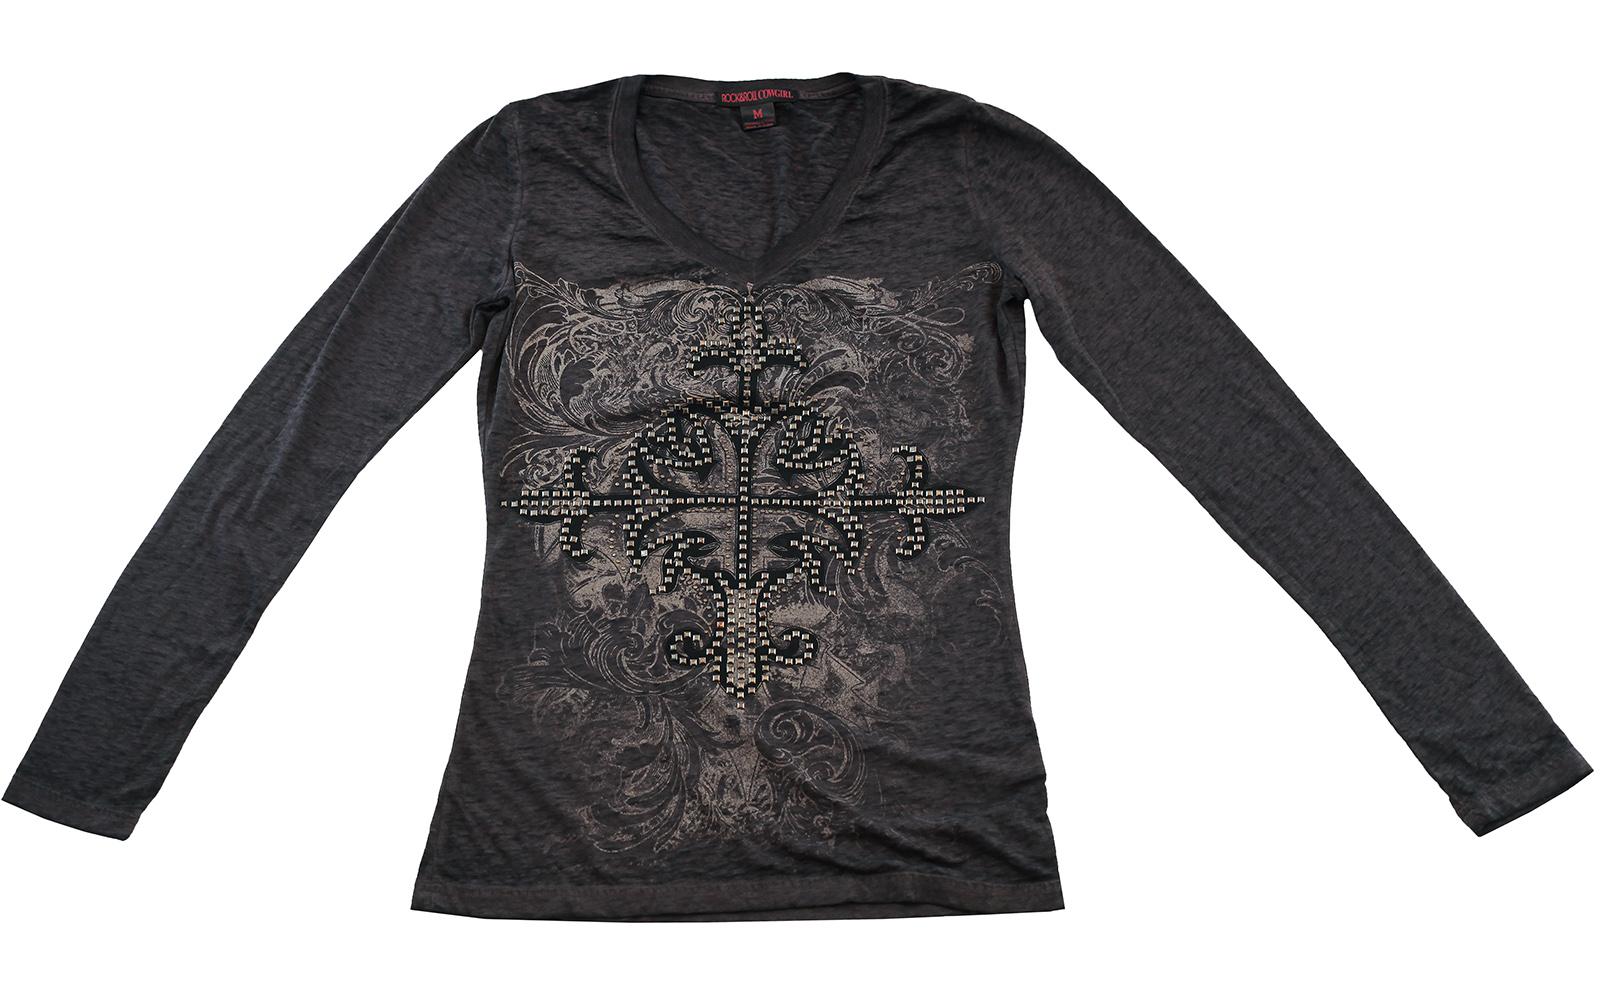 Серая кофточка Rock&Roll CowGirl с оригинальным принтом. Модная и удобная модель